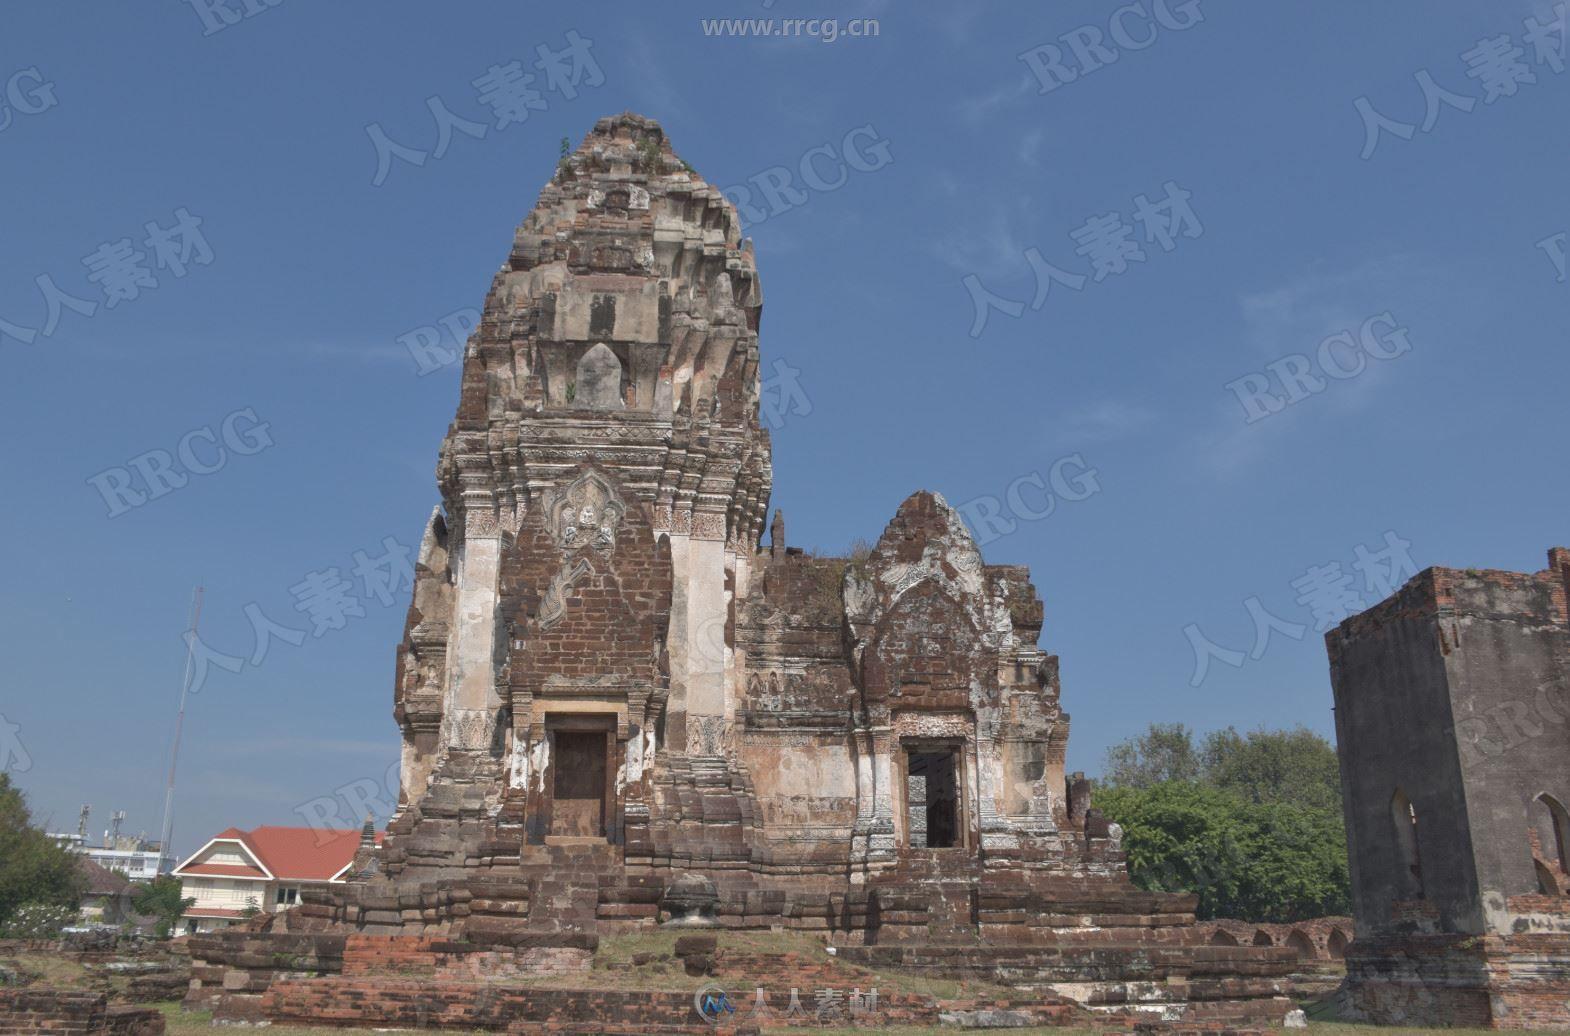 900组泰国古建筑废墟高清参考图片合集